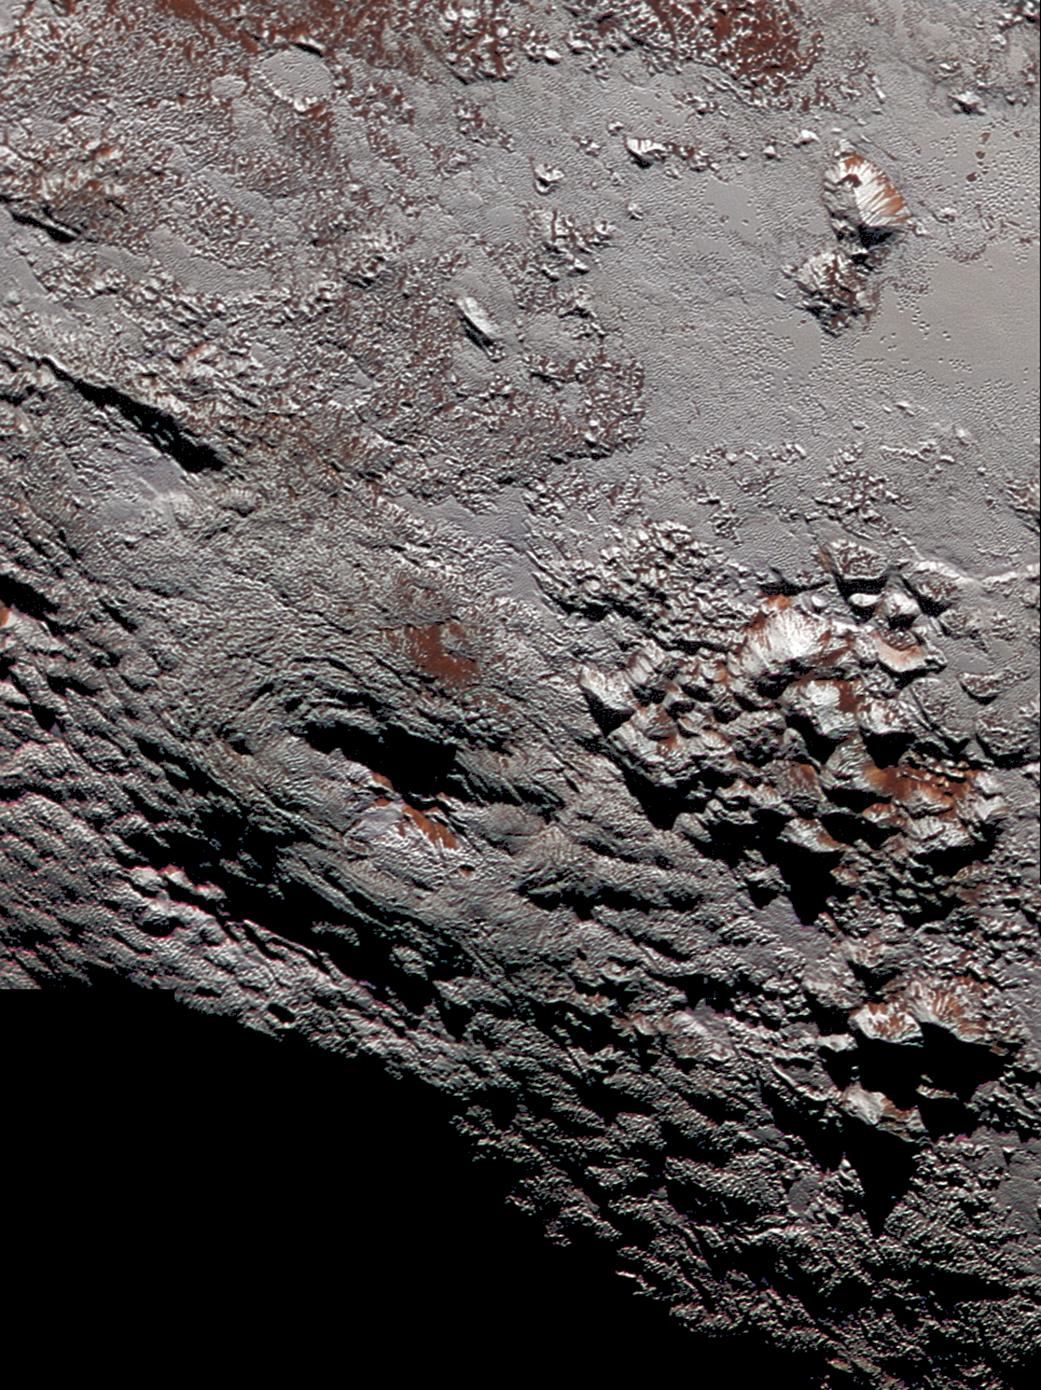 لقطة مركزة على كوكب بلوتو - تموز 2015 (NASA)